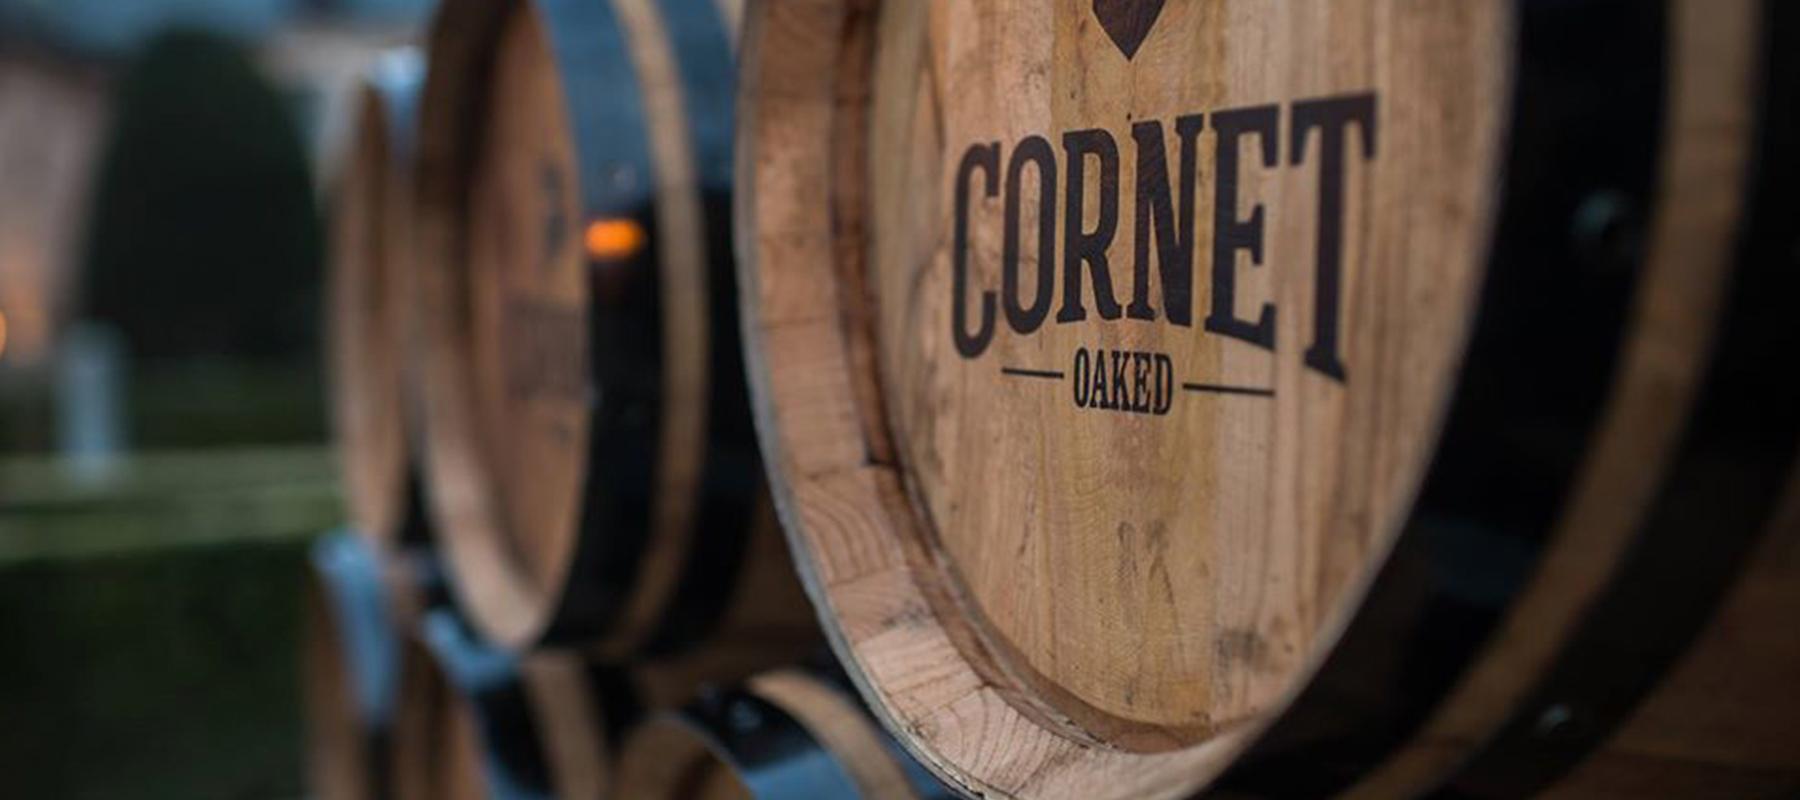 Bier van de maand februari 2020: Cornet Oaked